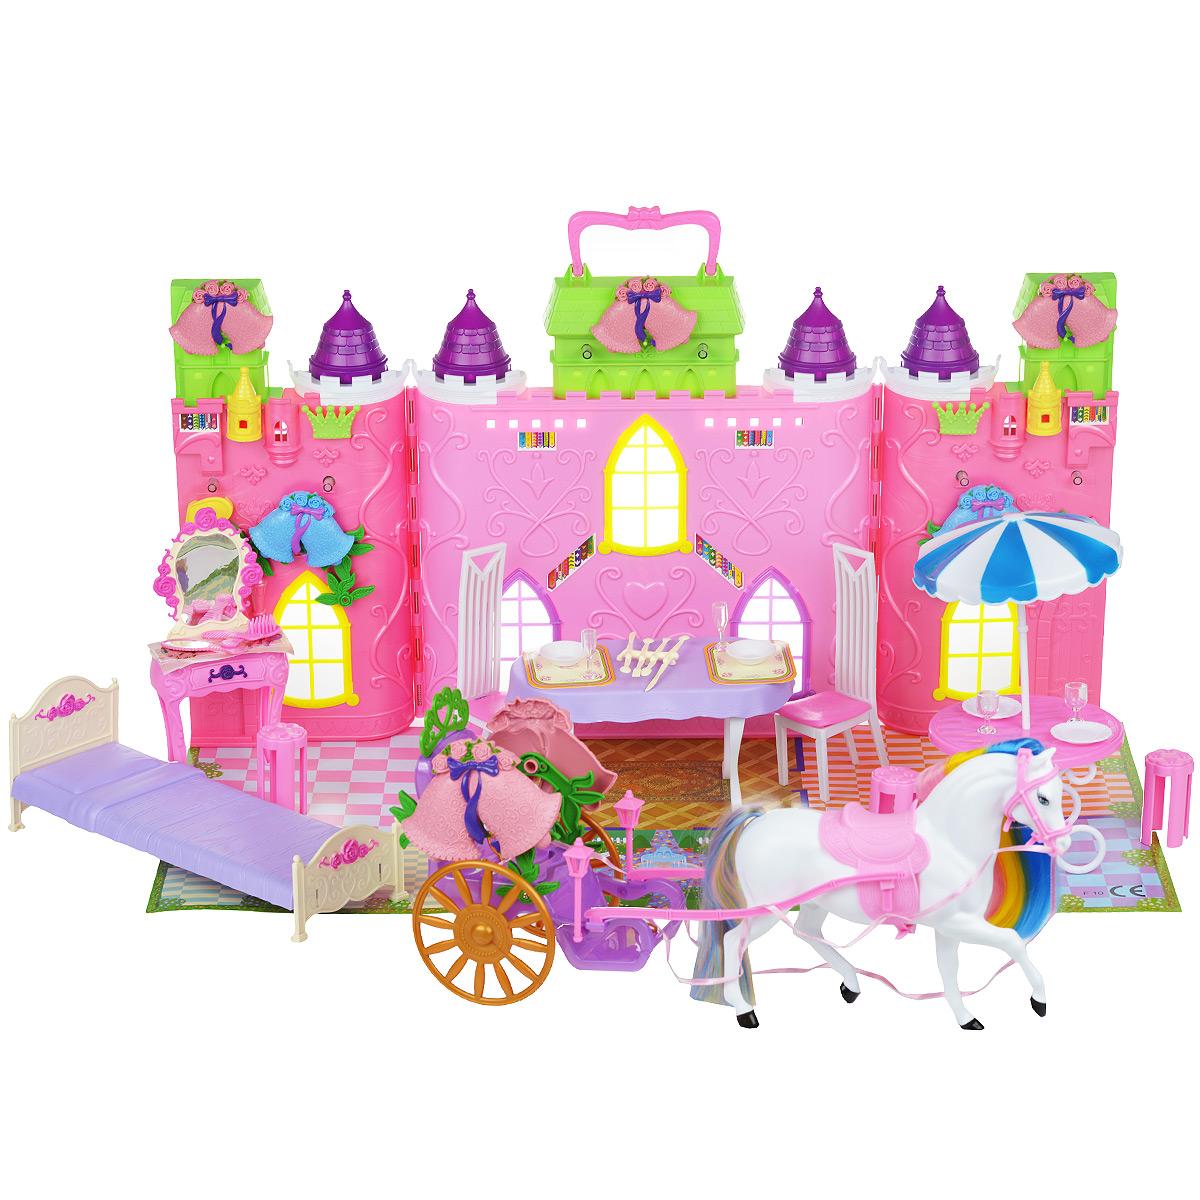 Кукольный домик, с повозкой, лошадью и аксессуарами. 2302